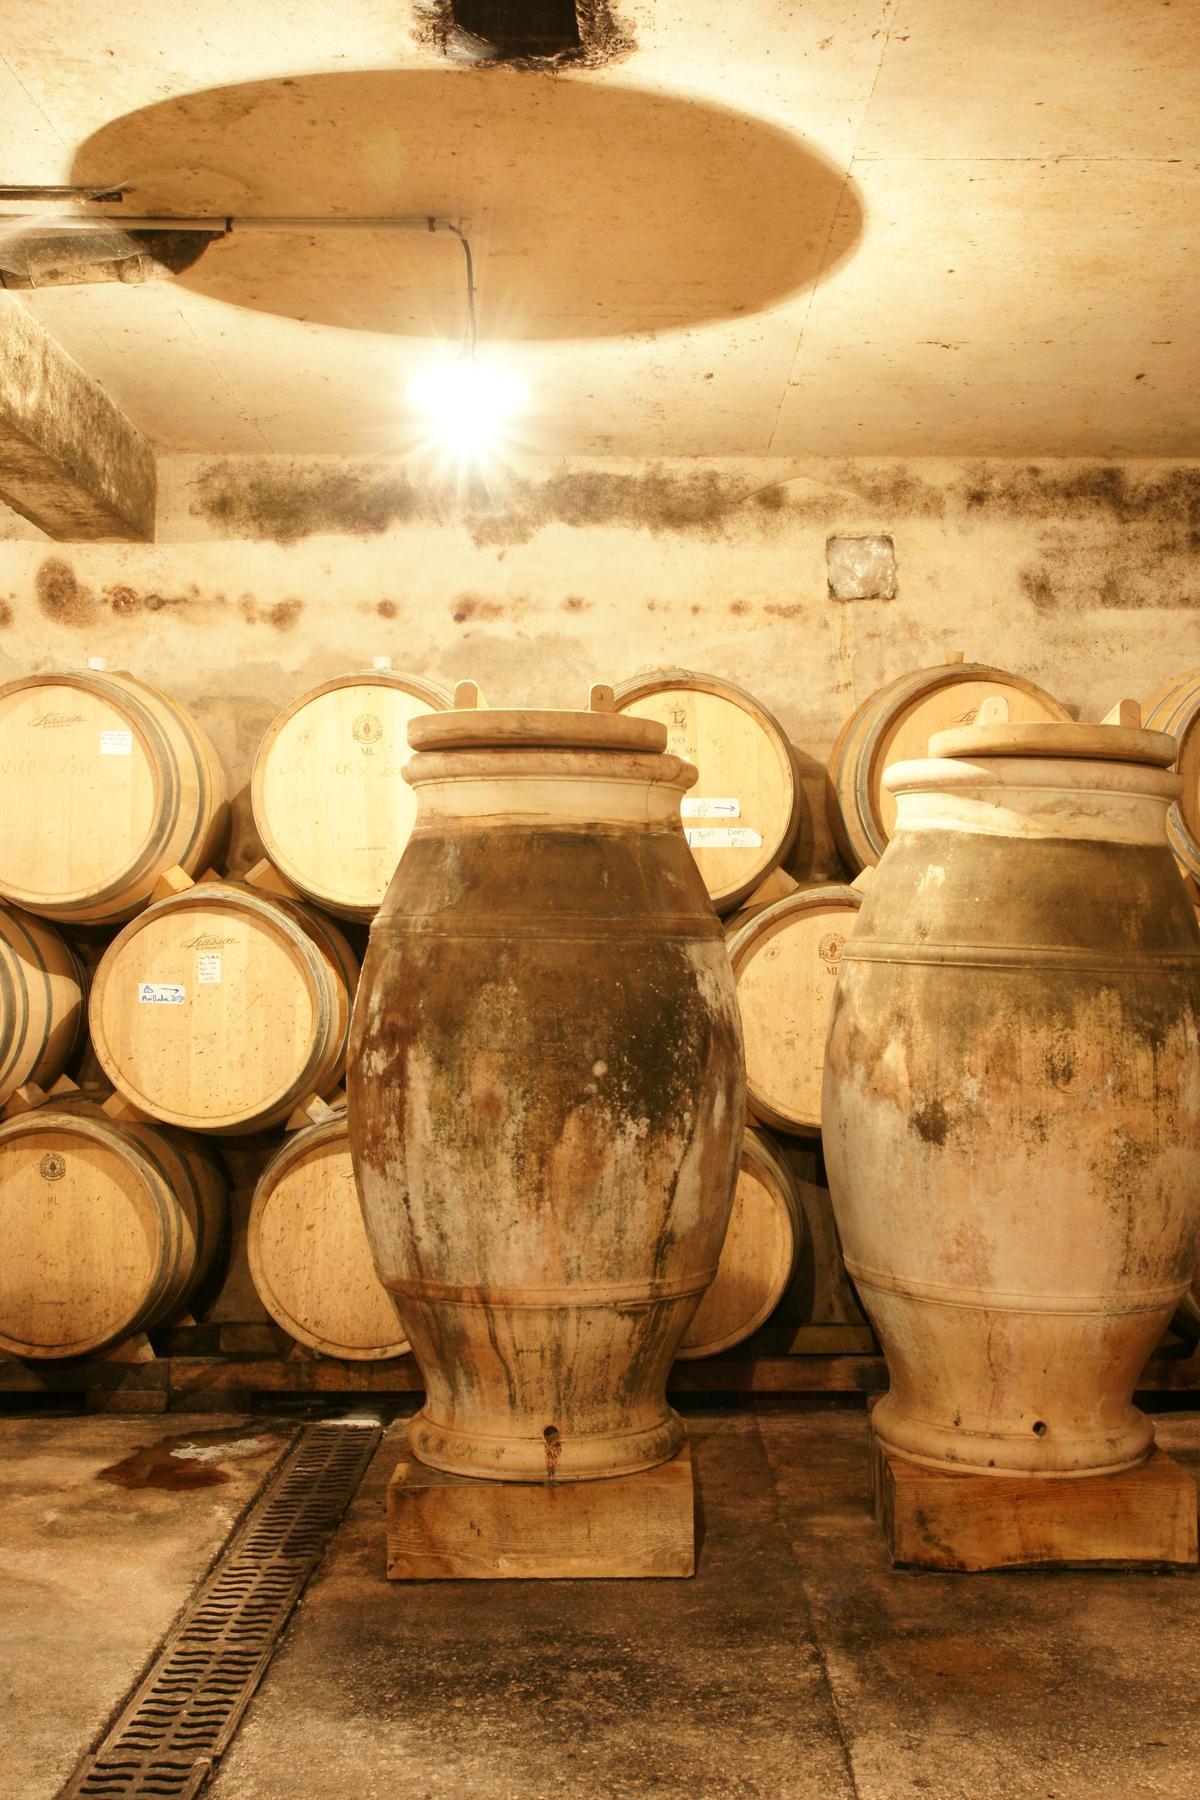 在歐洲部份地區維持有千年歷史的橘酒釀造法,會把整串葡萄放入陶罐裡,經泡皮發酵數月再取出飲用,這讓橘酒有歷史最悠久葡萄酒的說法。(林裕森提供)